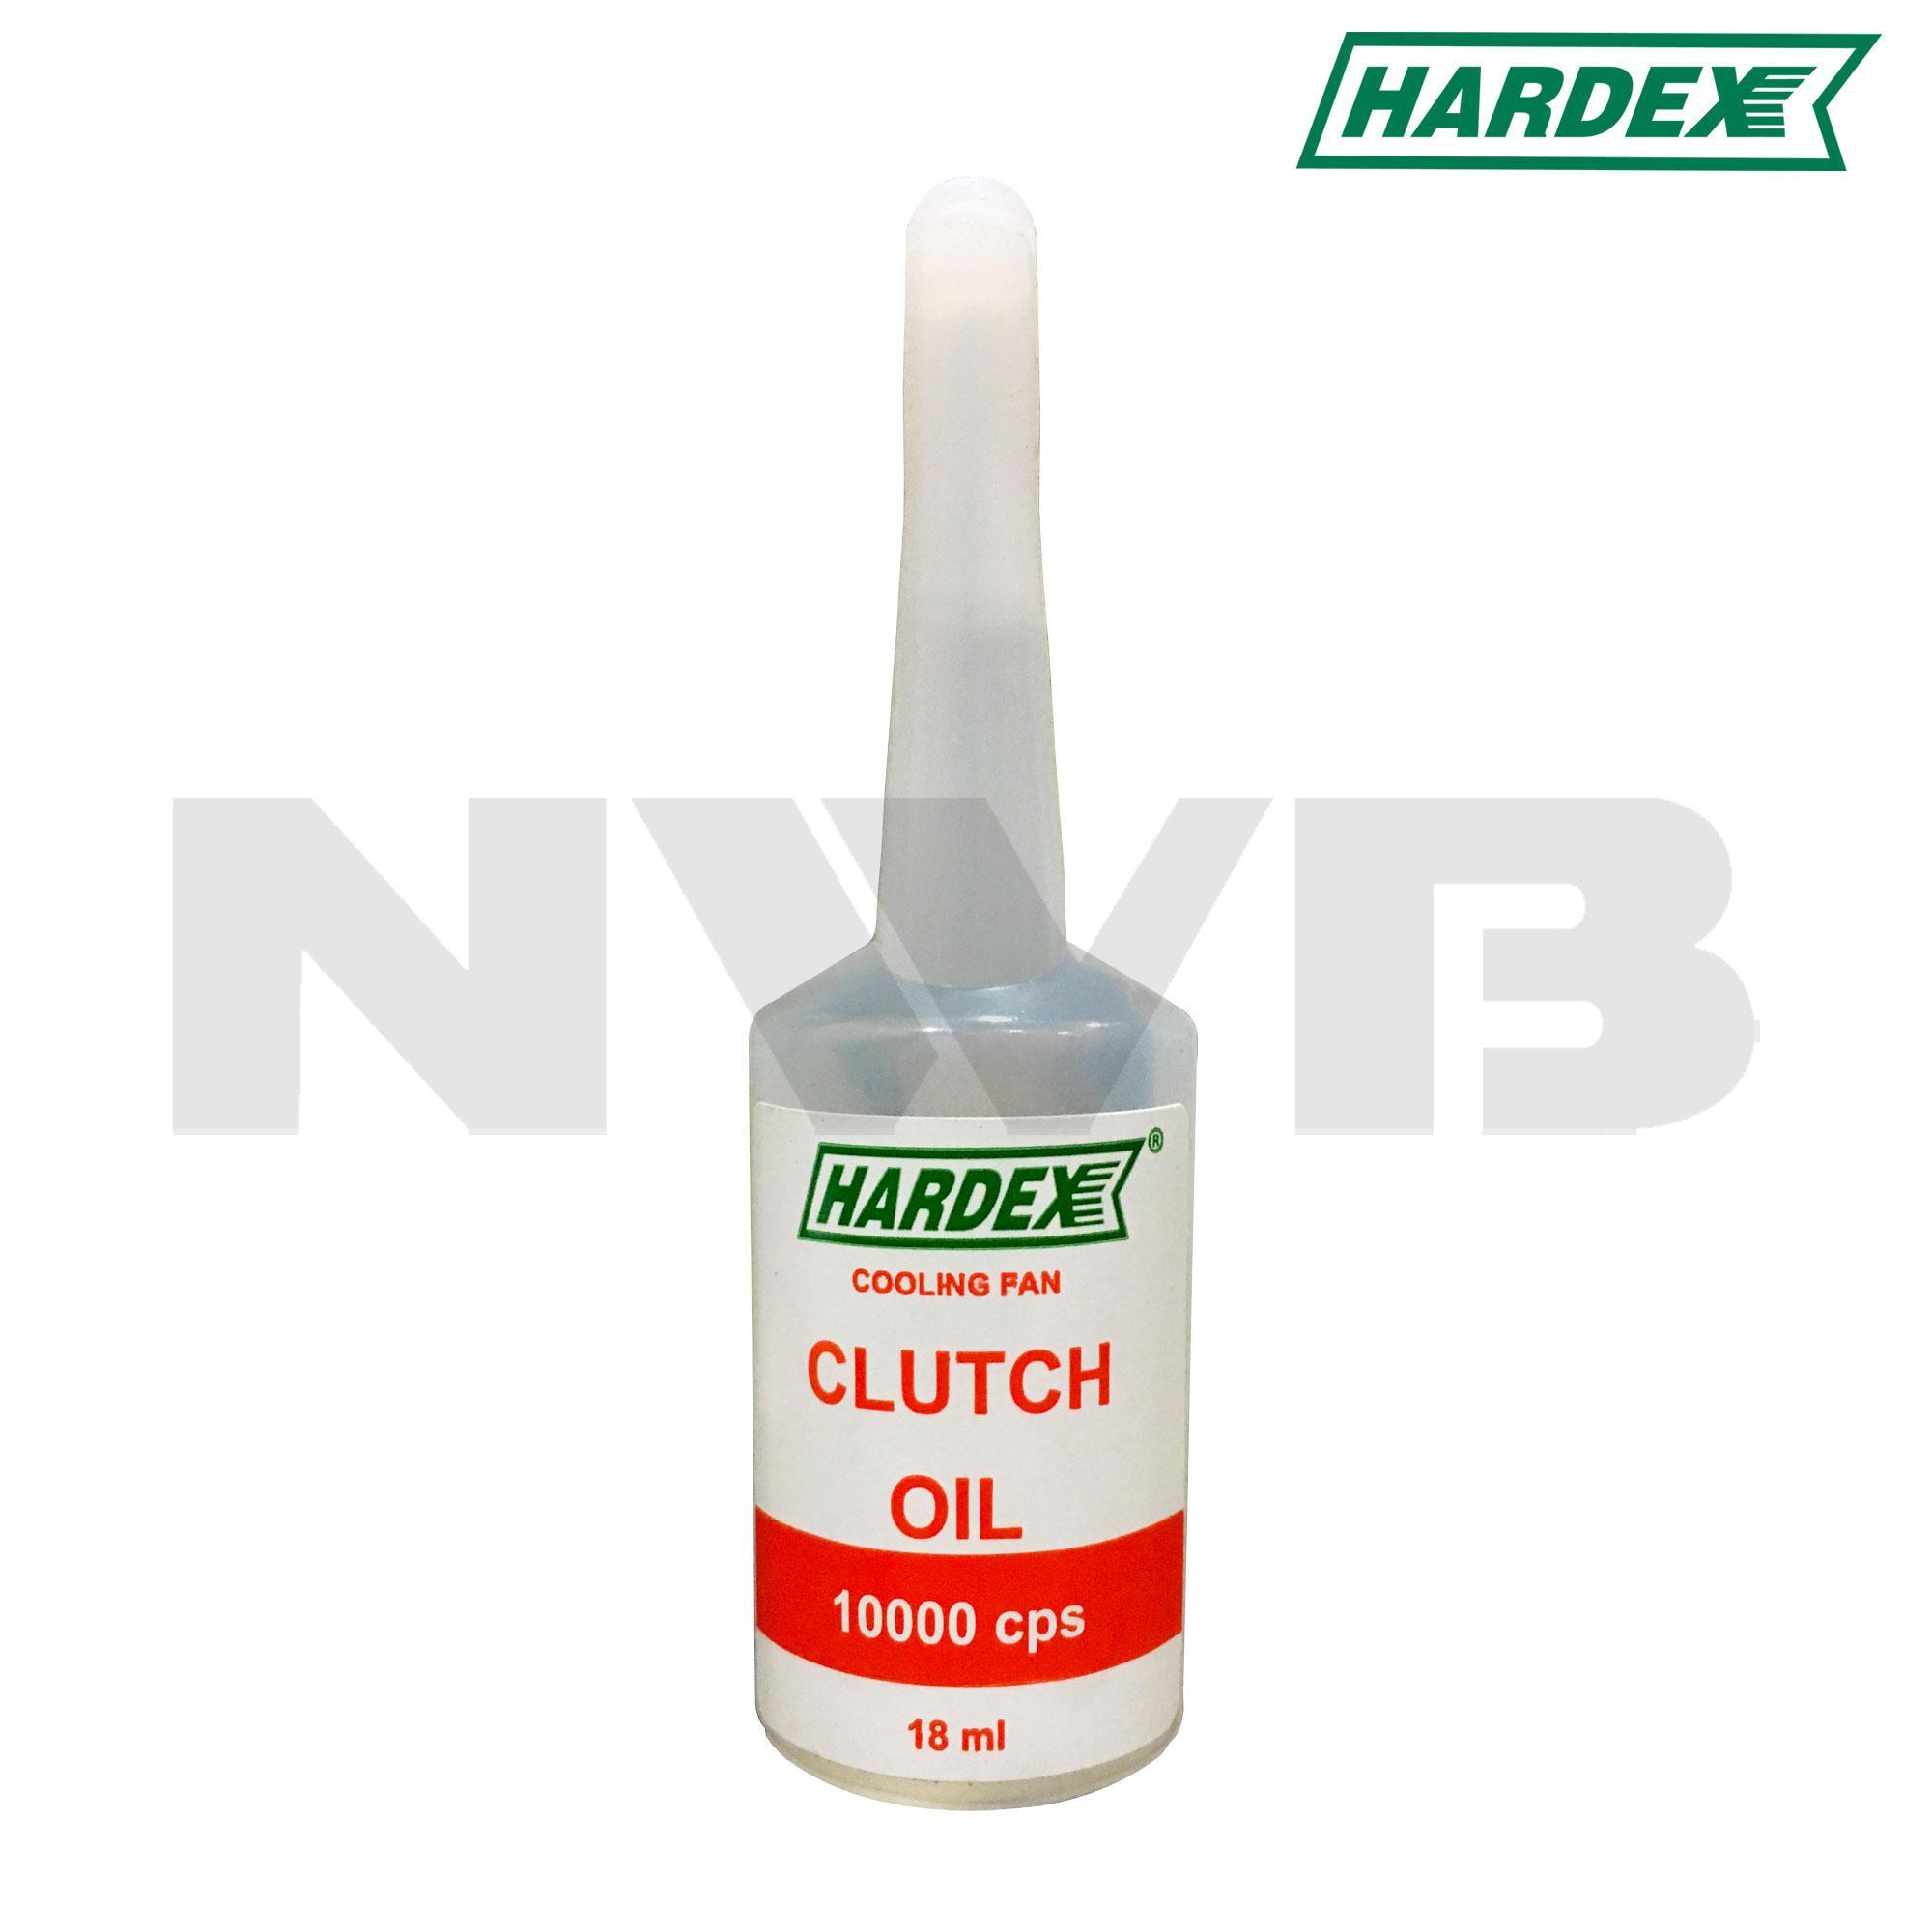 Hardex Cooling Fan Clutch Oil 10000 cps 18ml